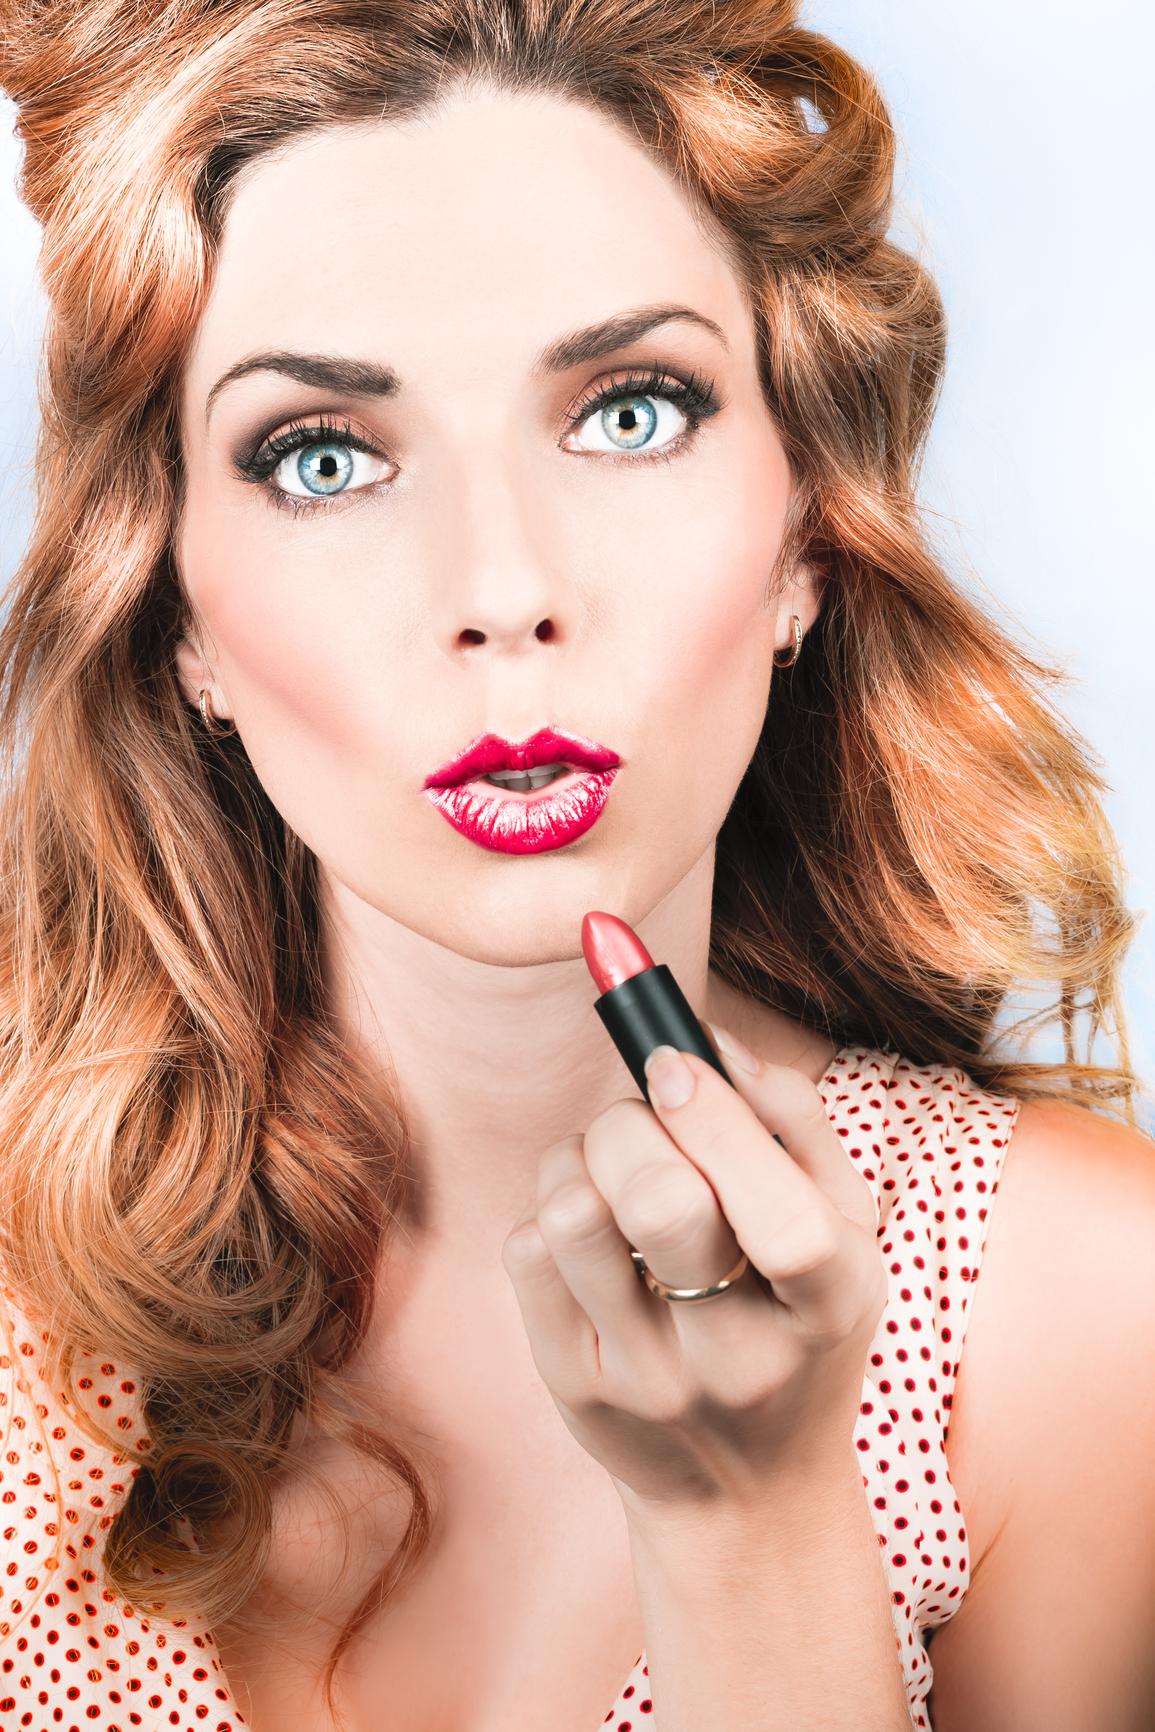 Девушкам с красивым природным контуром губ стоит отказаться от карандаша